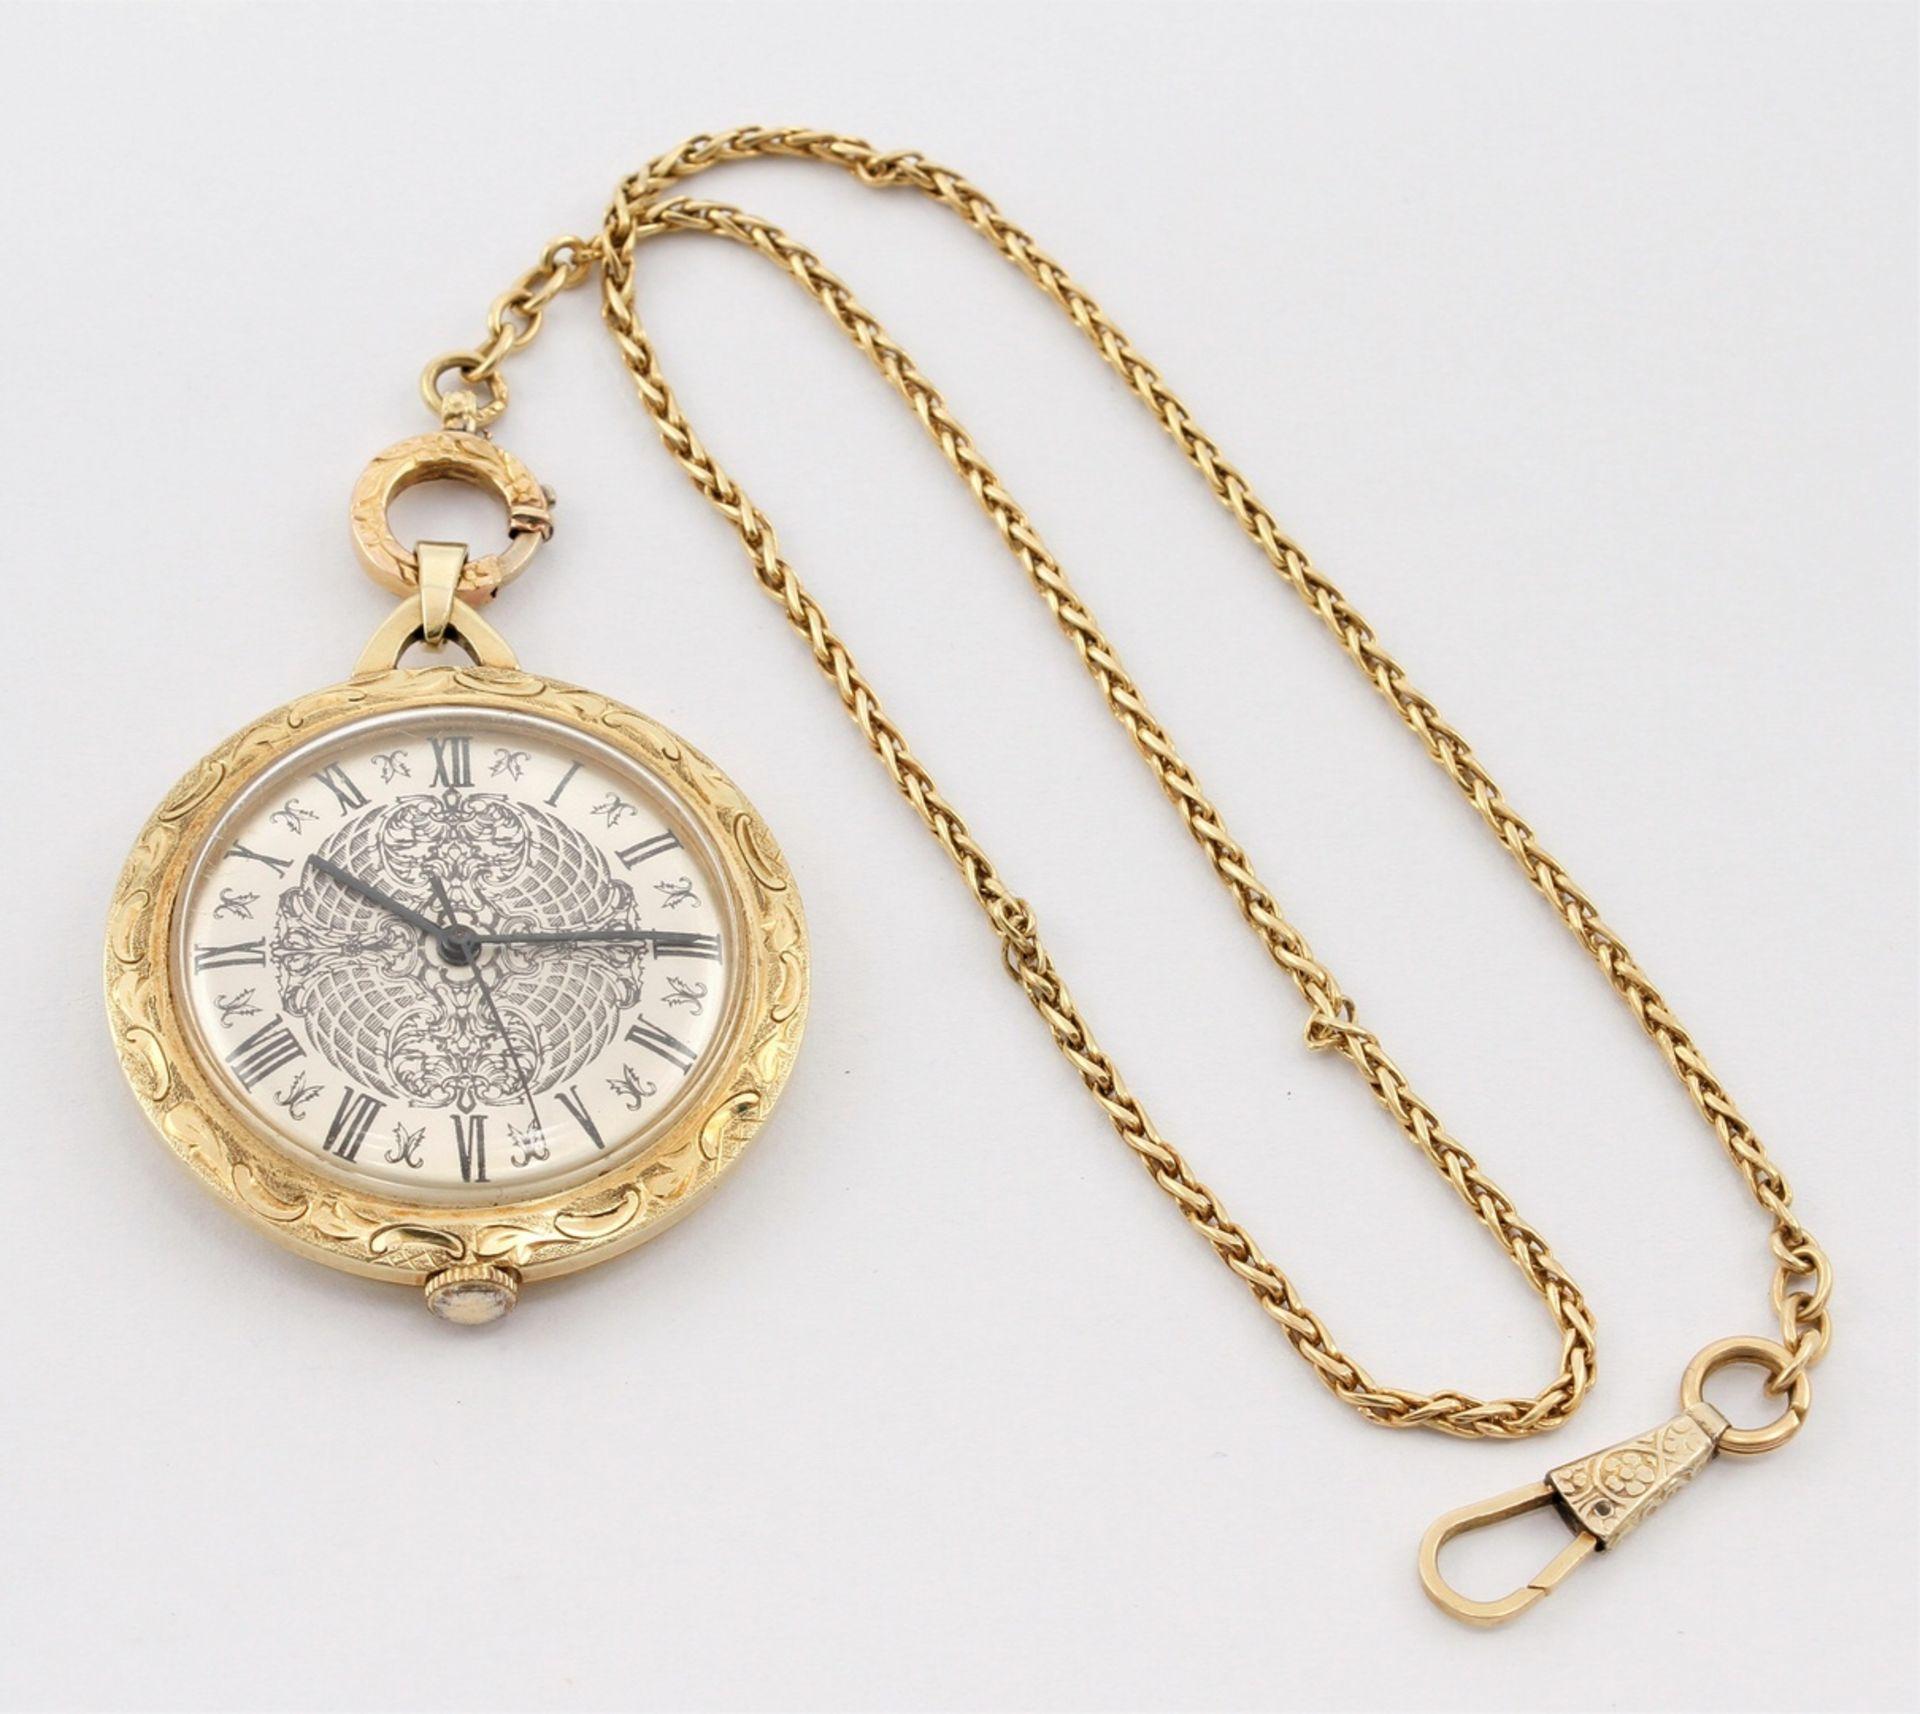 Kleine goldene Anhängeruhr / Damentaschenuhr, 2. Hälfte 20. Jh.